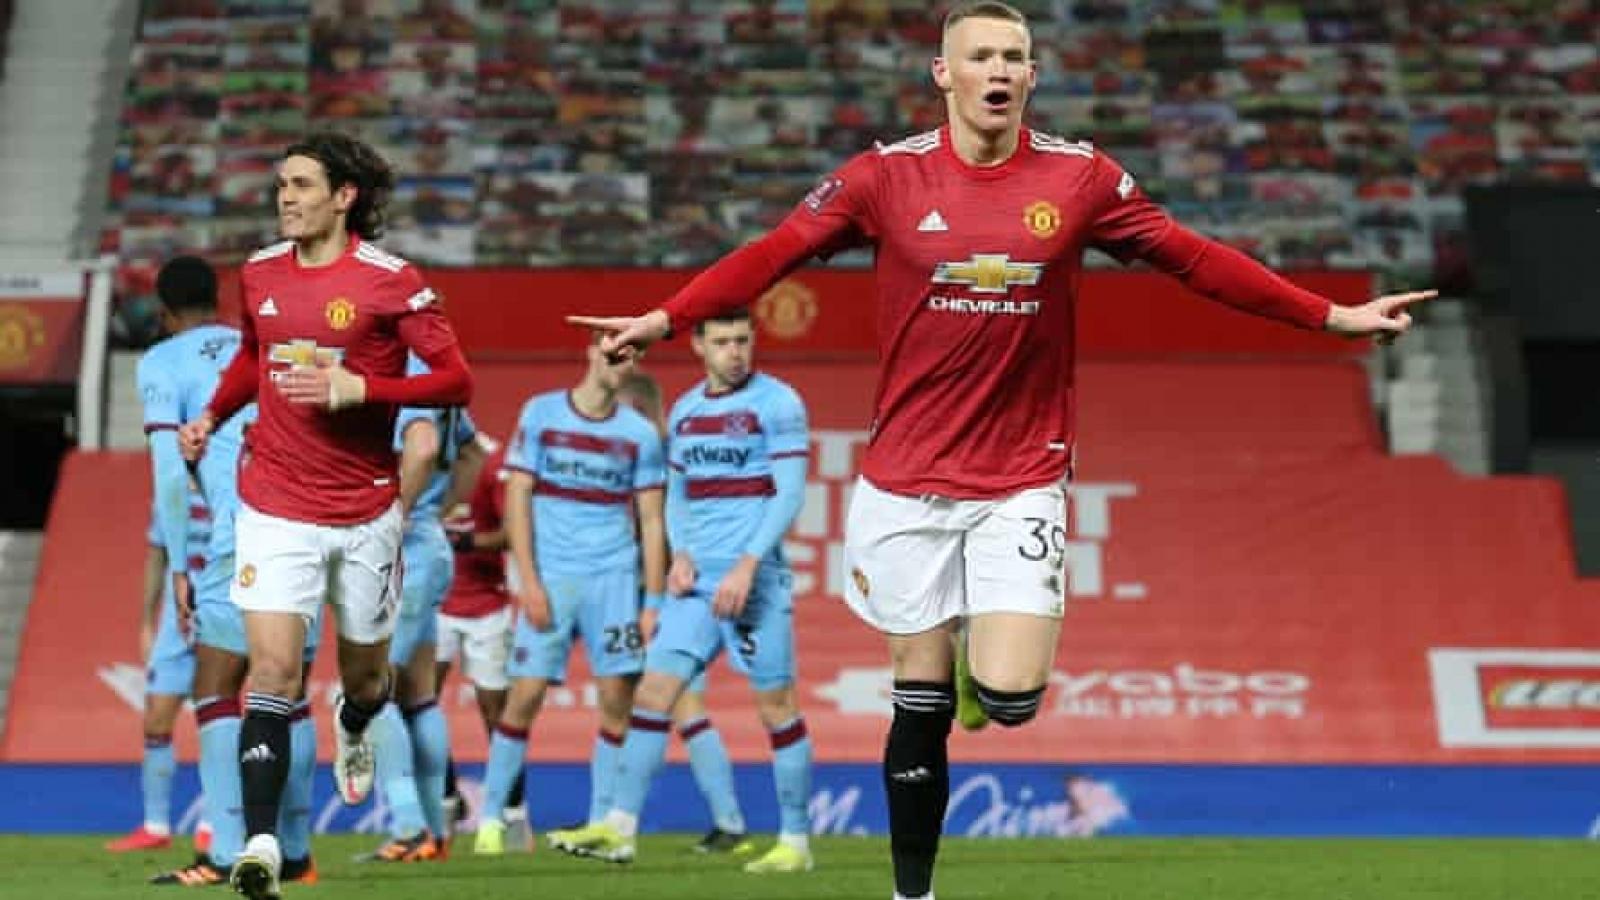 McTominay xé lưới West Ham trong hiệp phụ, MU vào tứ kết FA Cup